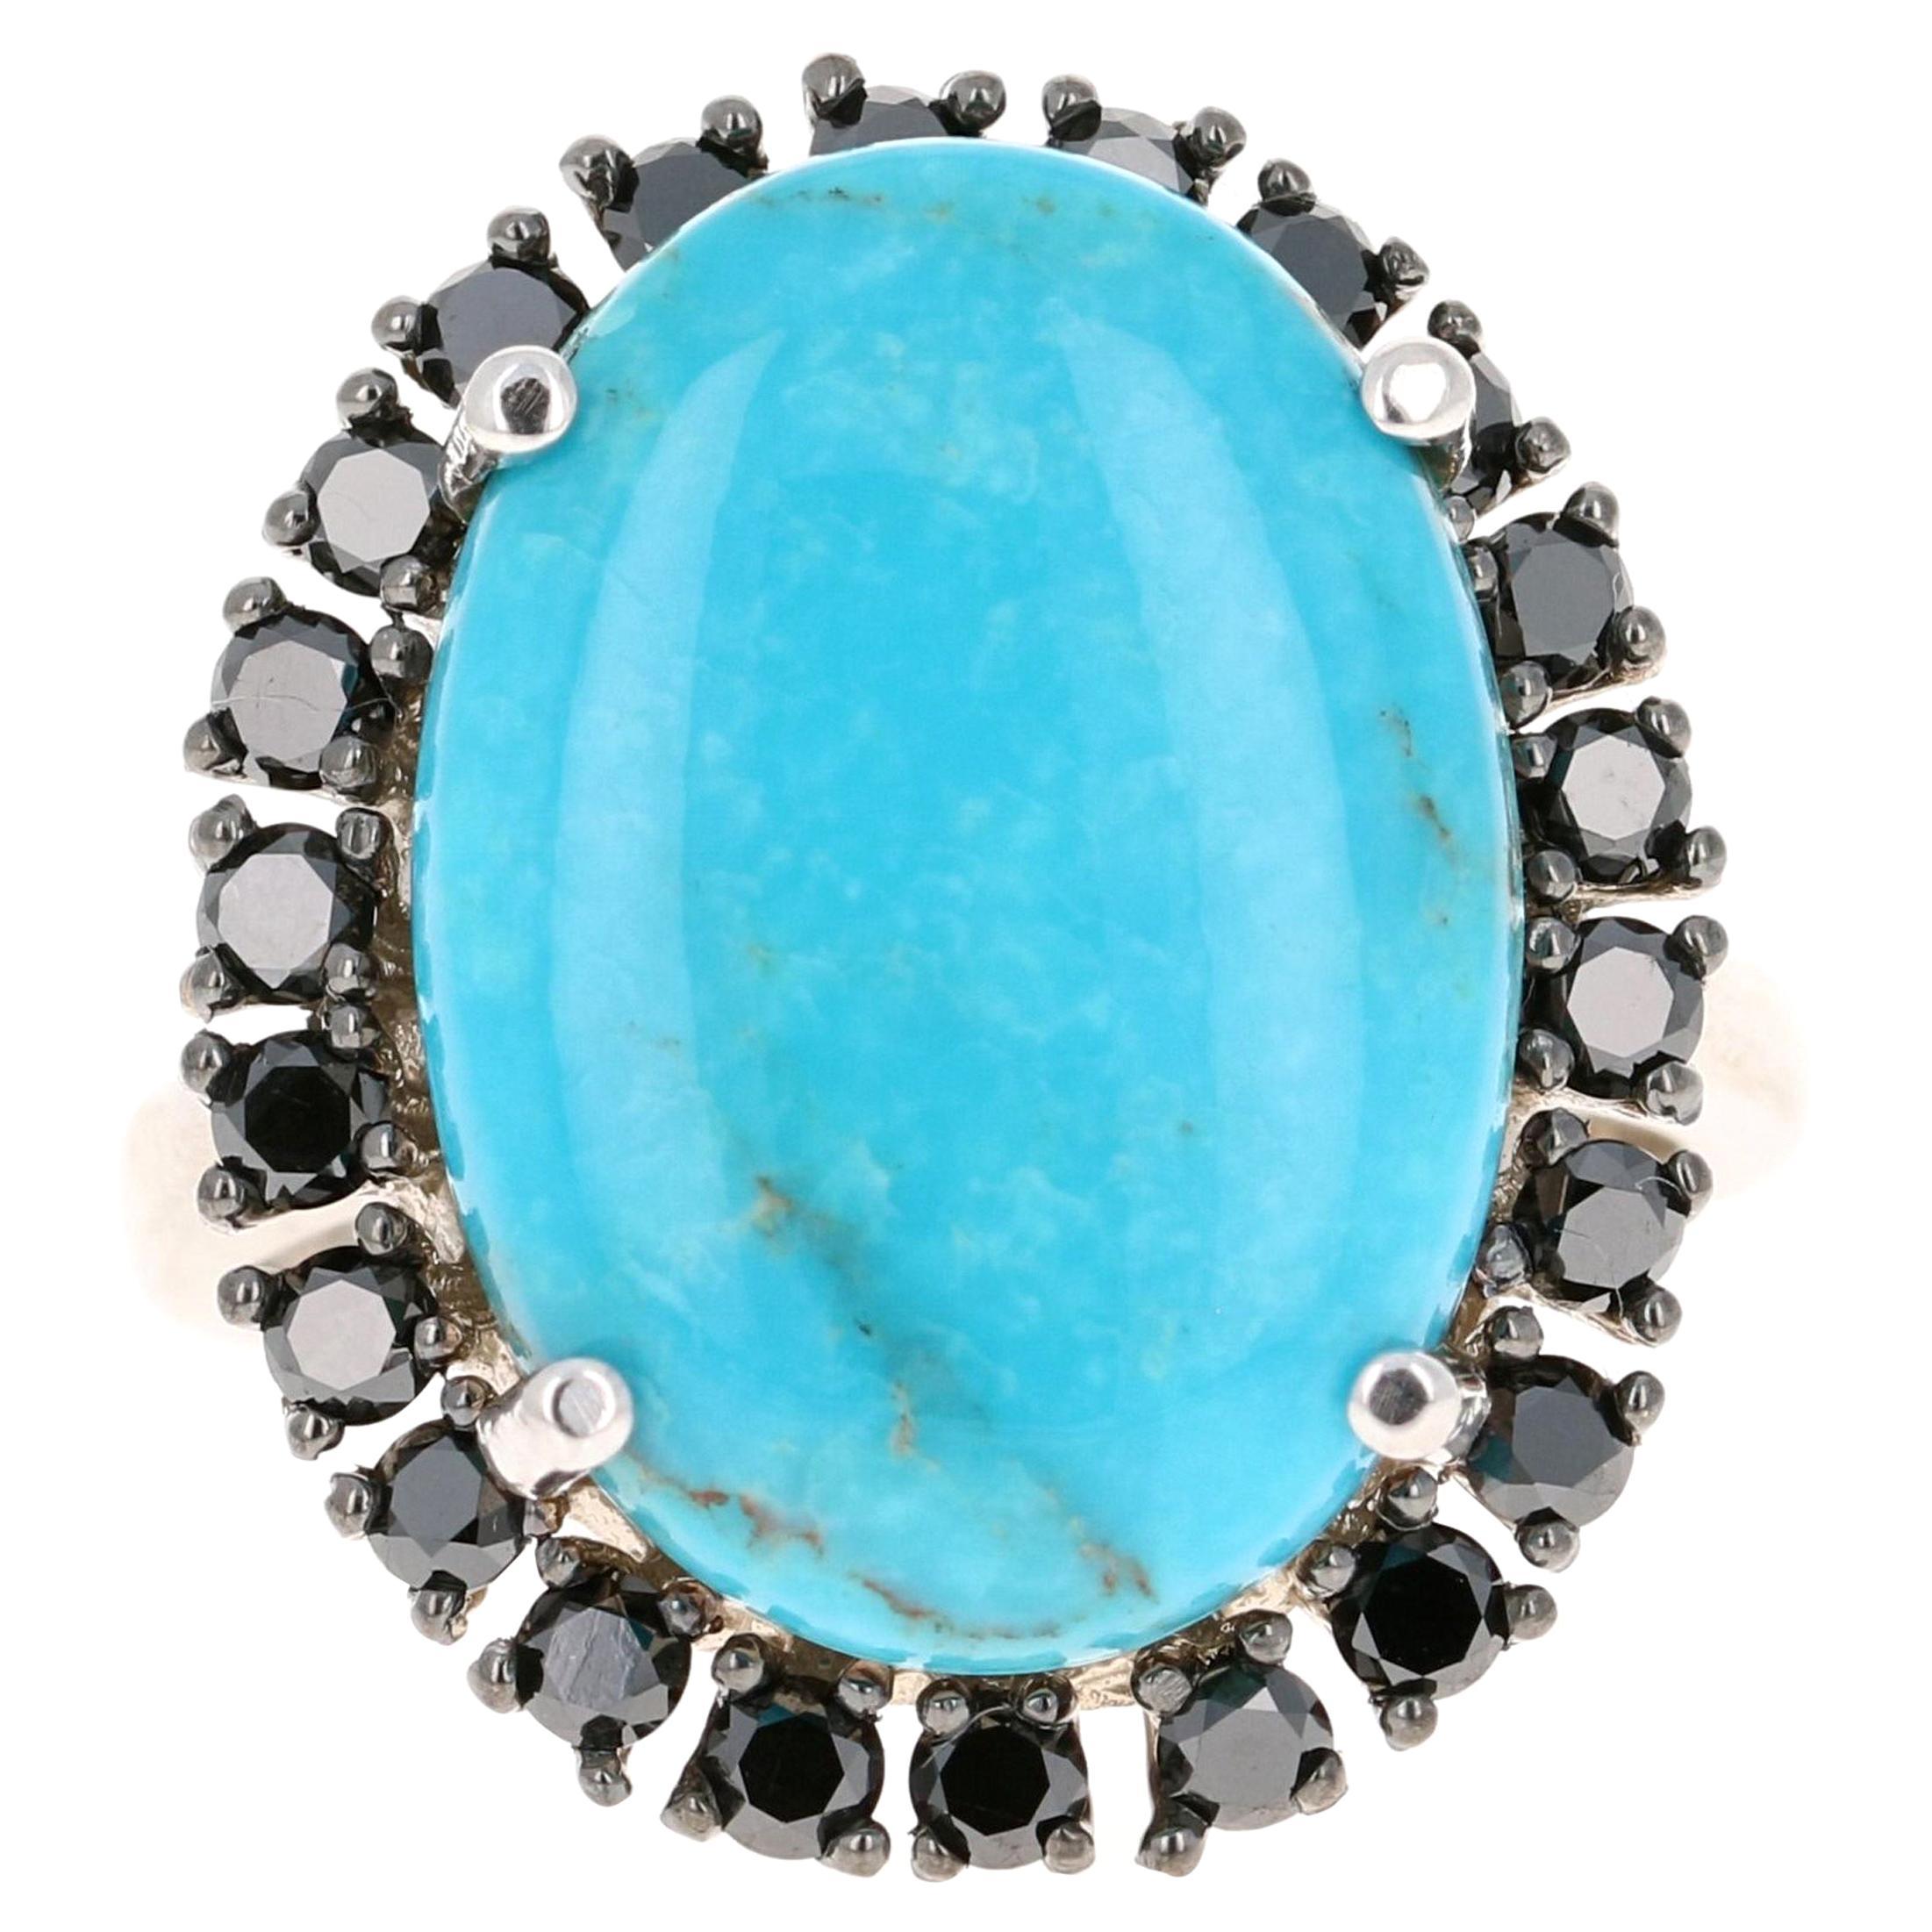 7.54 Carat Turquoise Black Diamond 14 Karat White Gold Cocktail Ring